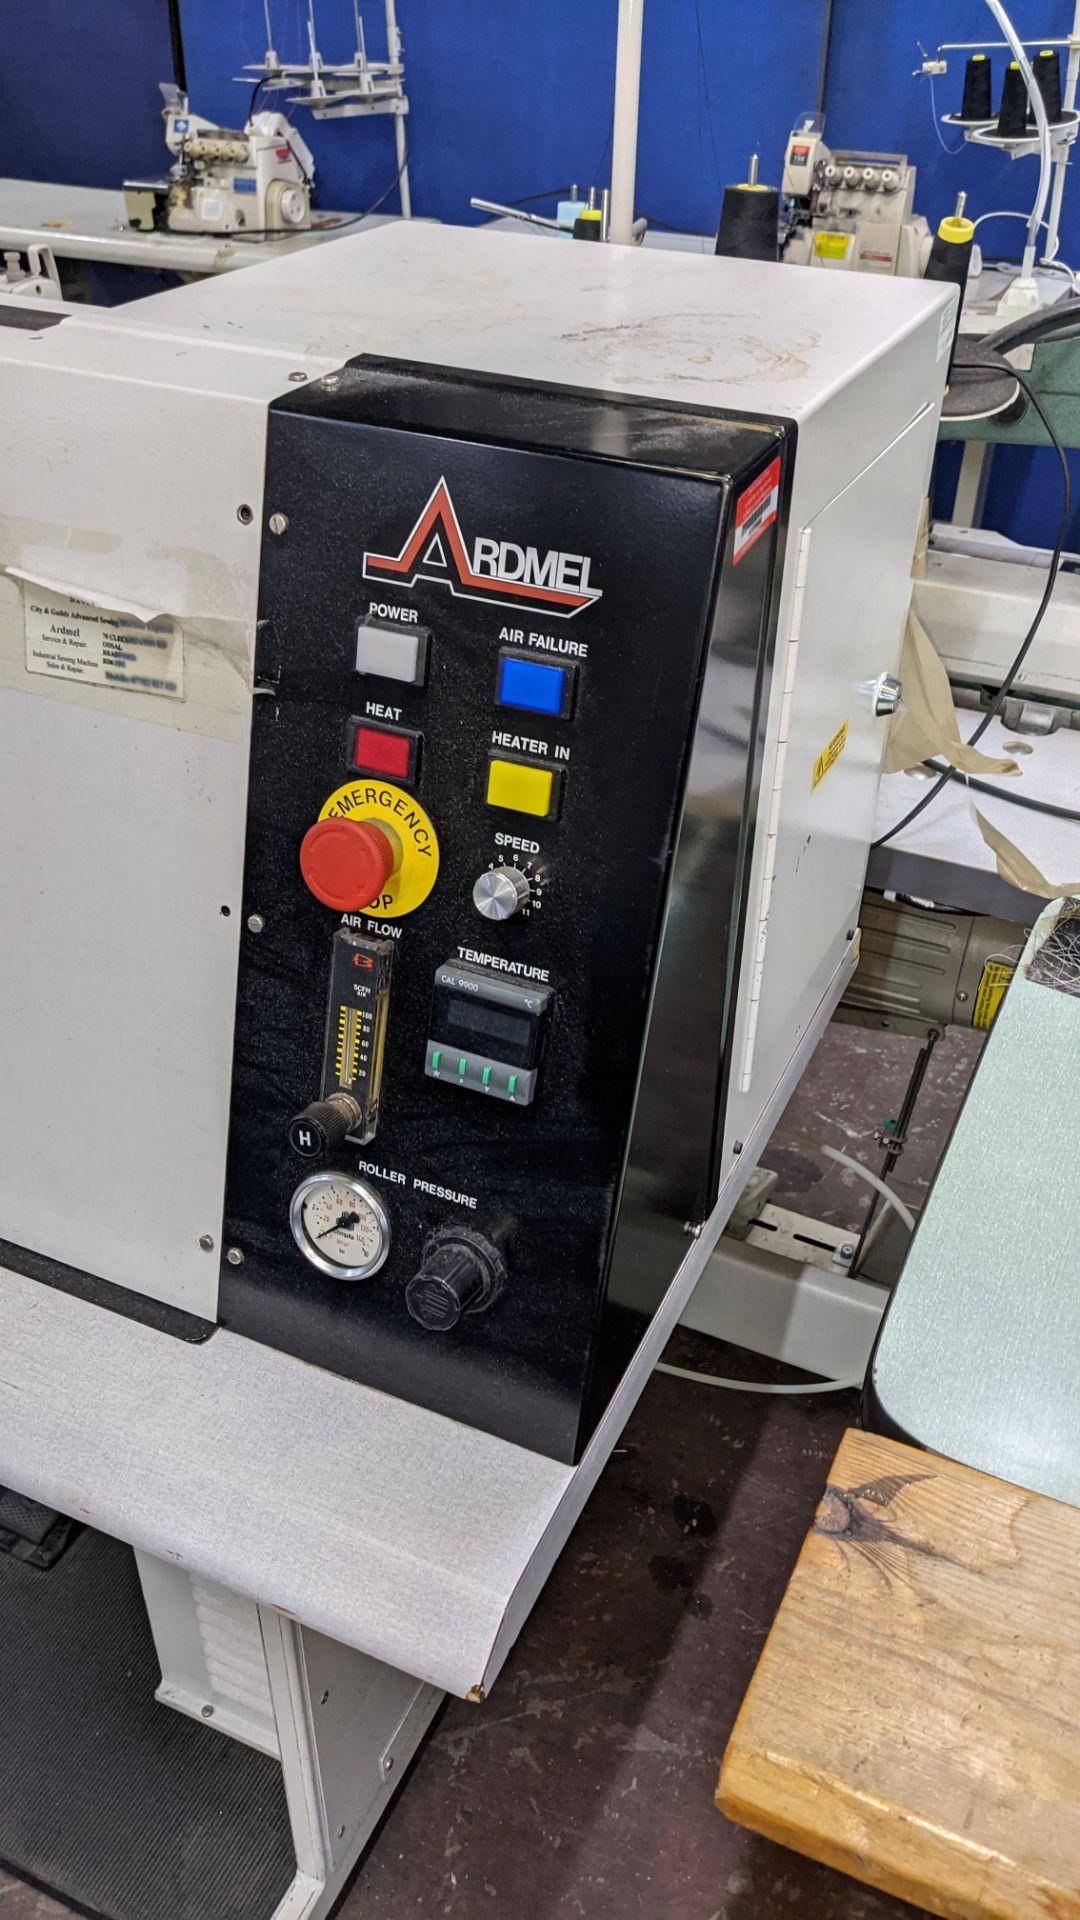 Ardmel seam sealing machine - Image 6 of 18